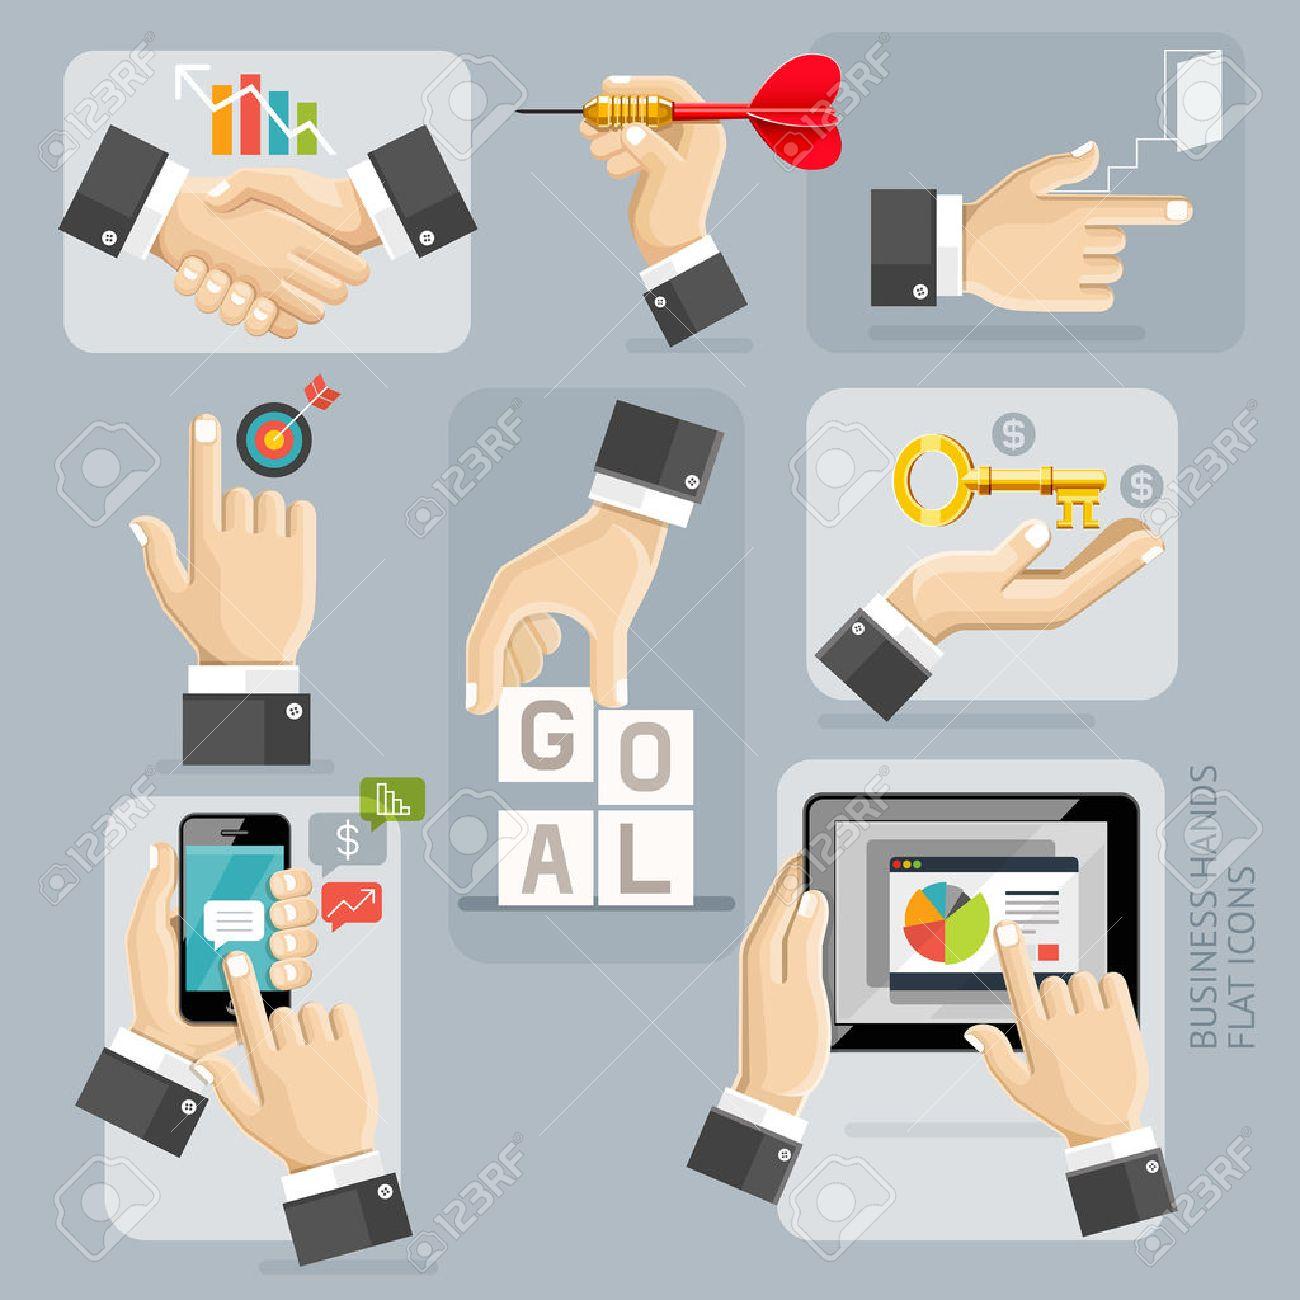 Geschäft Hände flach Icons Set. Illustration. Standard-Bild - 54547877